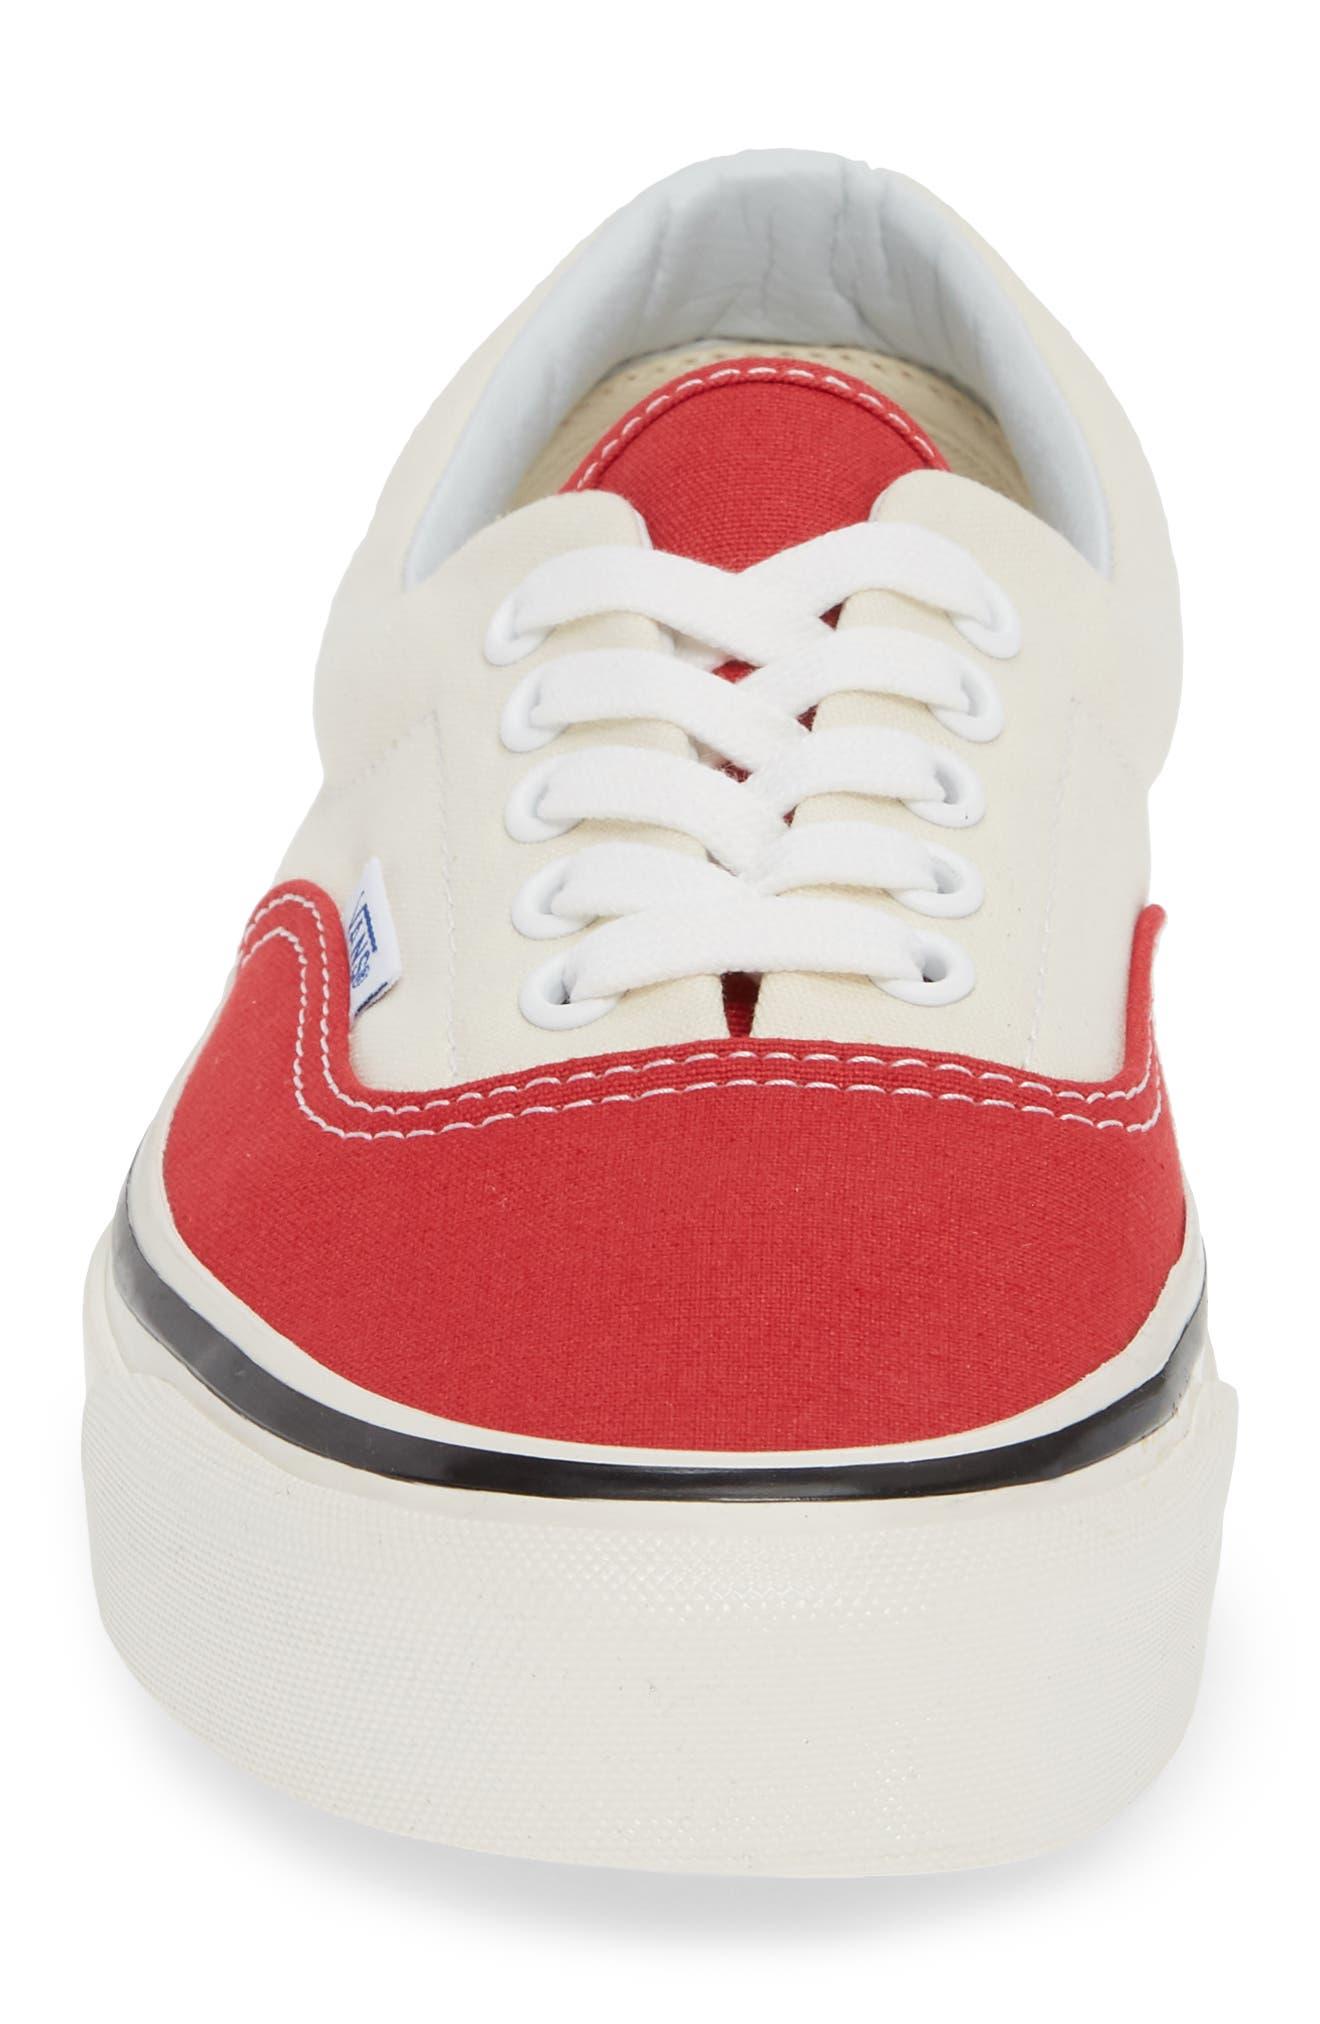 Anaheim Factory Era 95 DX Sneaker,                             Alternate thumbnail 4, color,                             OG RED/ OG WHITE CANVAS